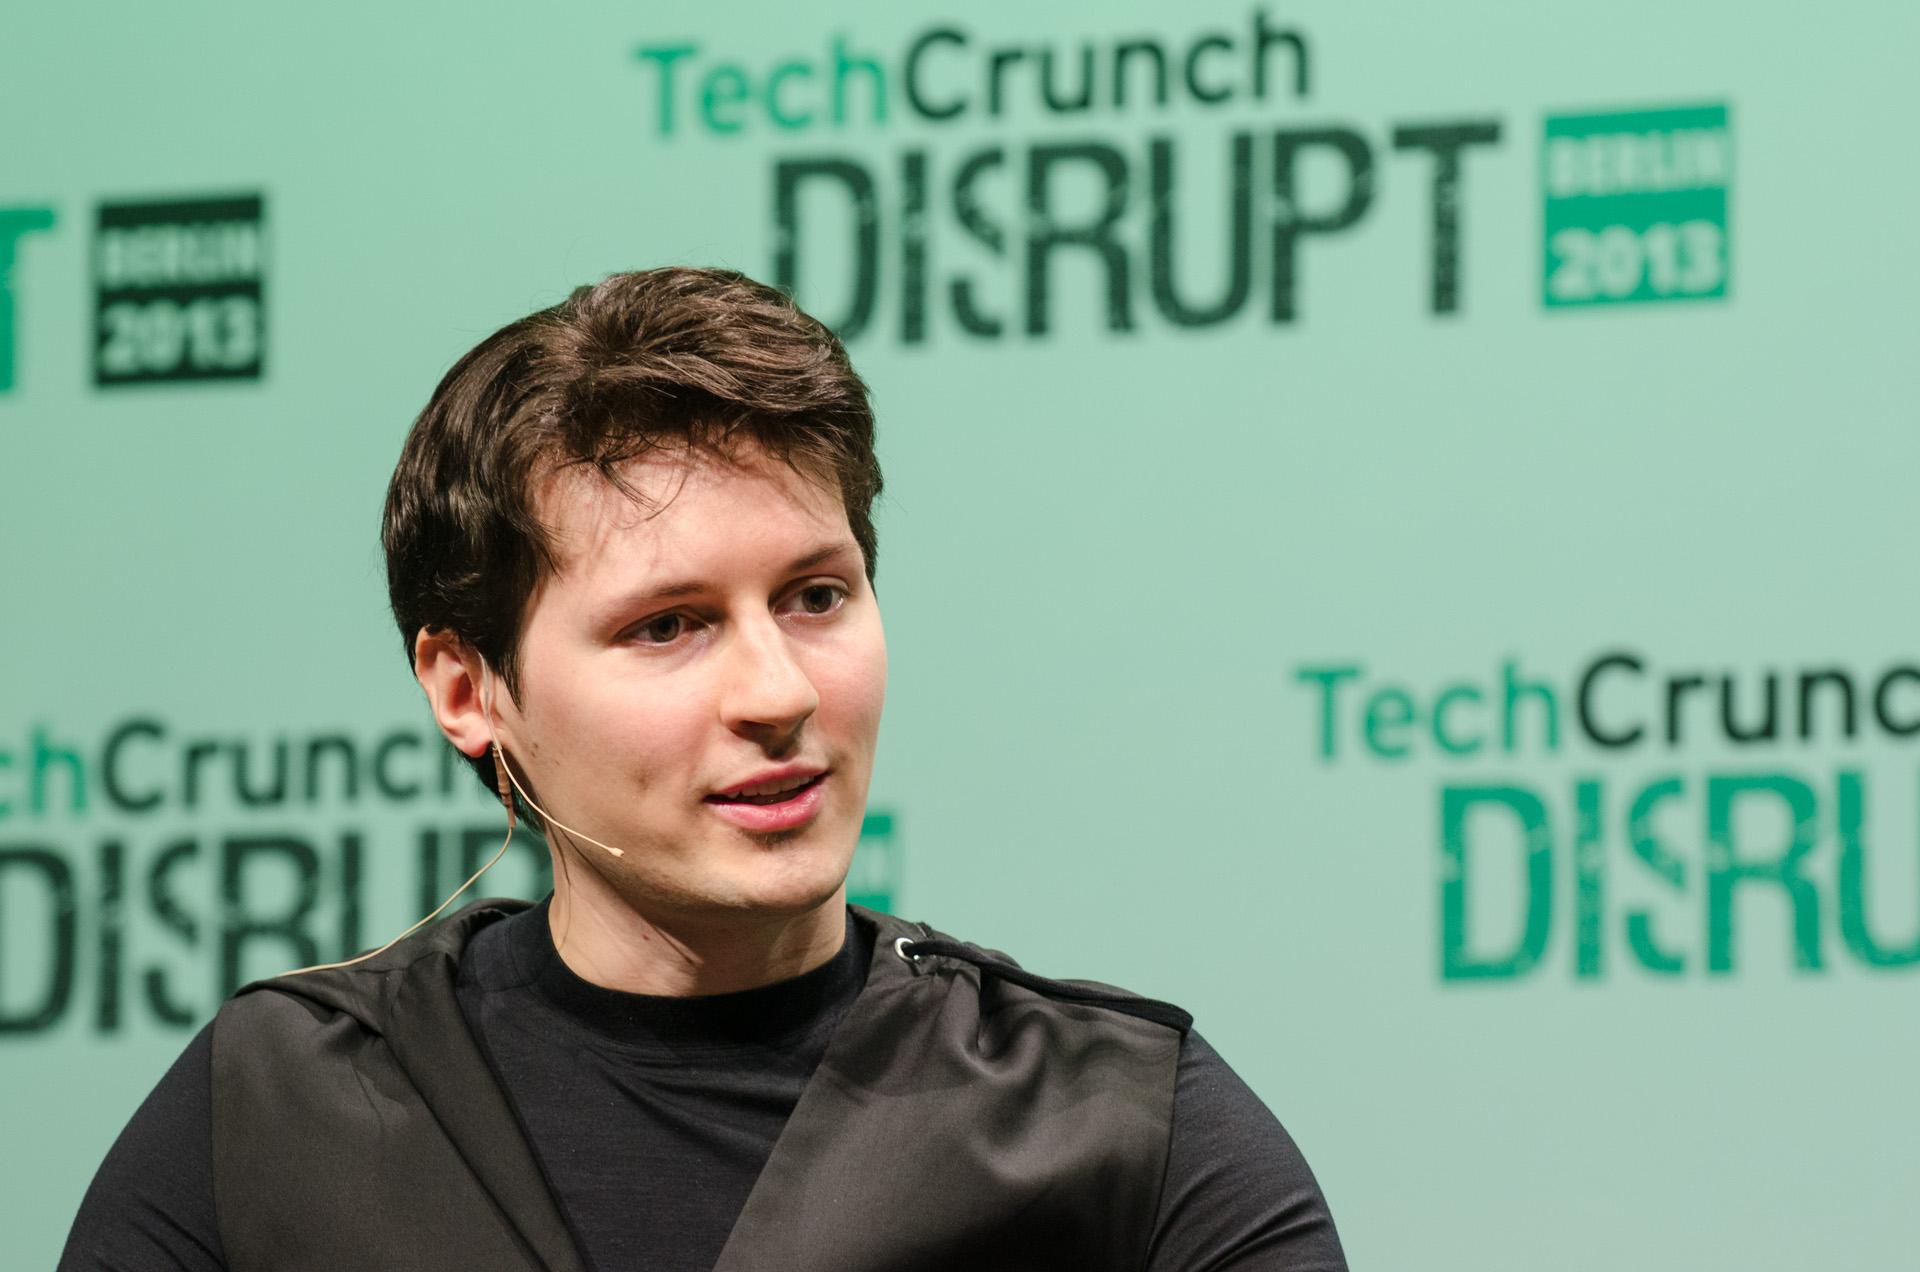 Основатель Telegram стал на 30 миллионов богаче с помощью криптовалюты